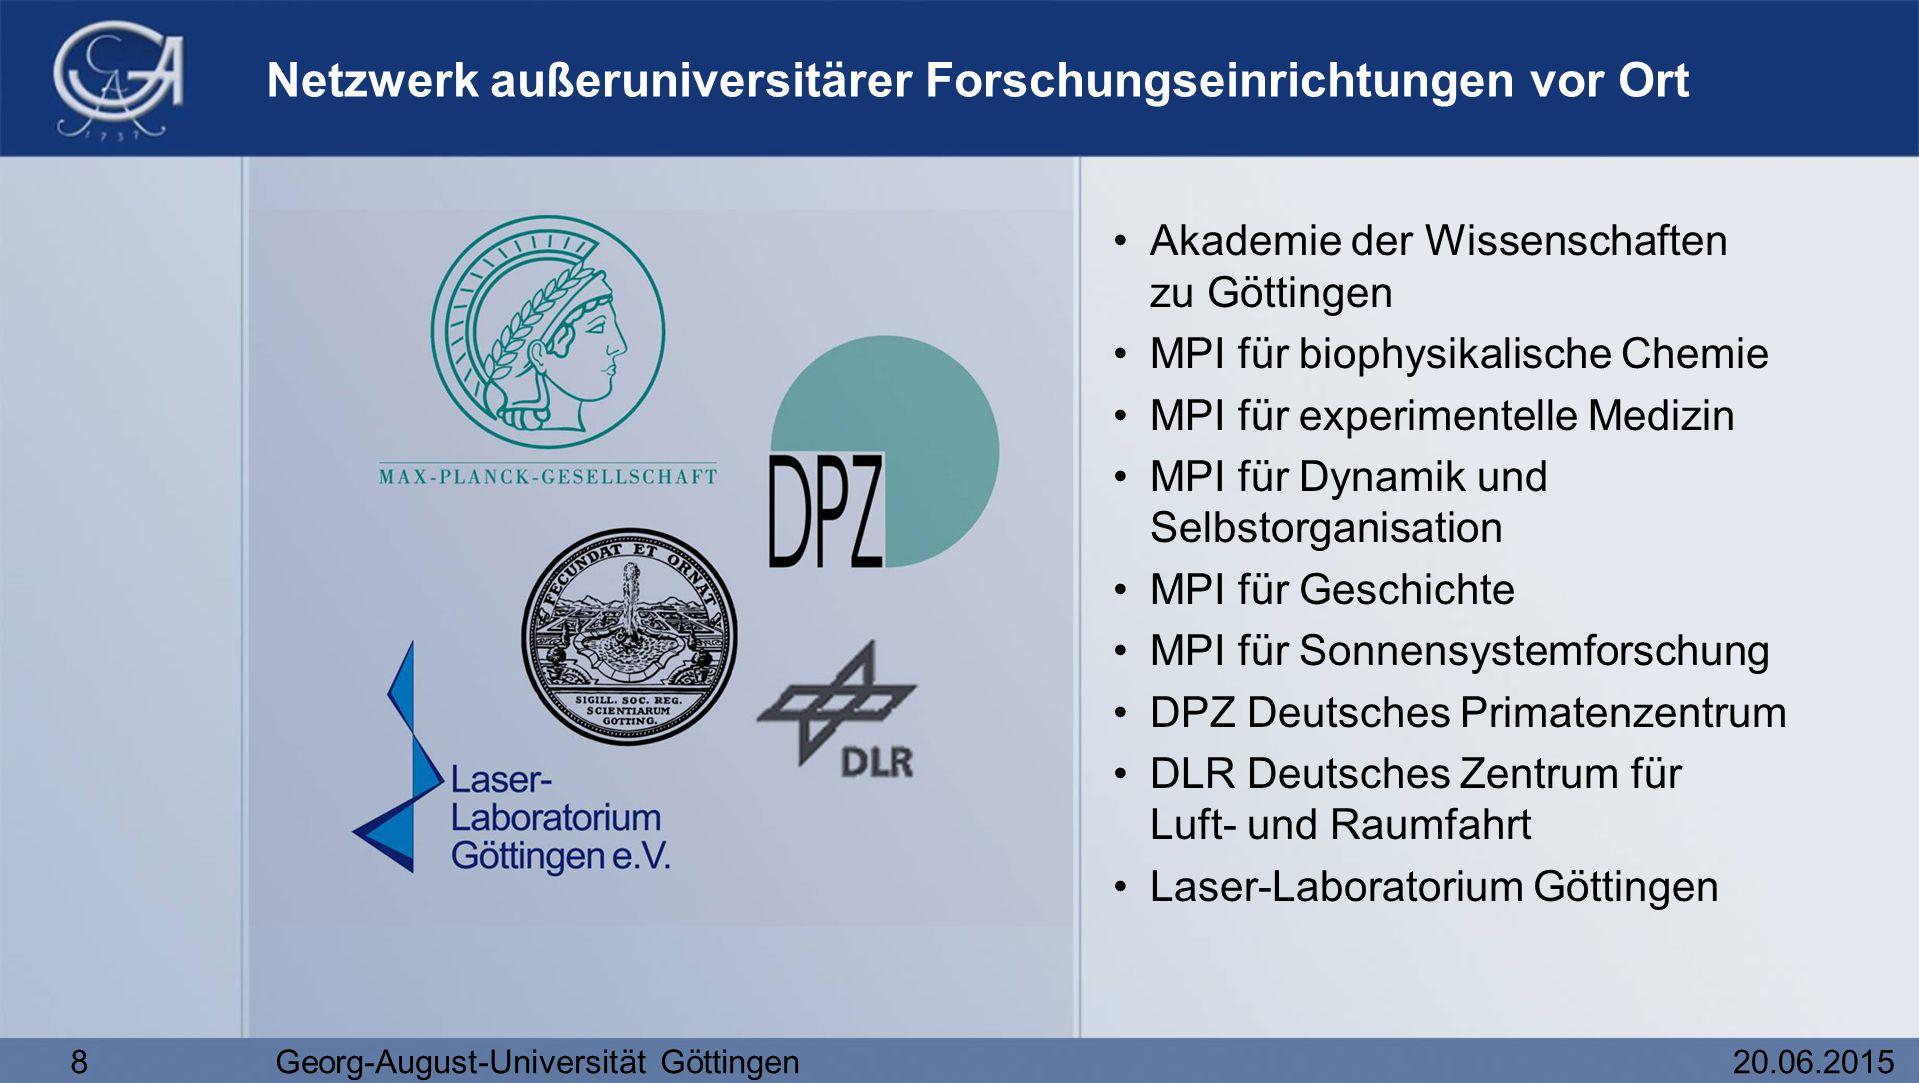 8Georg-August-Universität Göttingen20.06.2015 Netzwerk außeruniversitärer Forschungseinrichtungen vor Ort Akademie der Wissenschaften zu Göttingen MPI